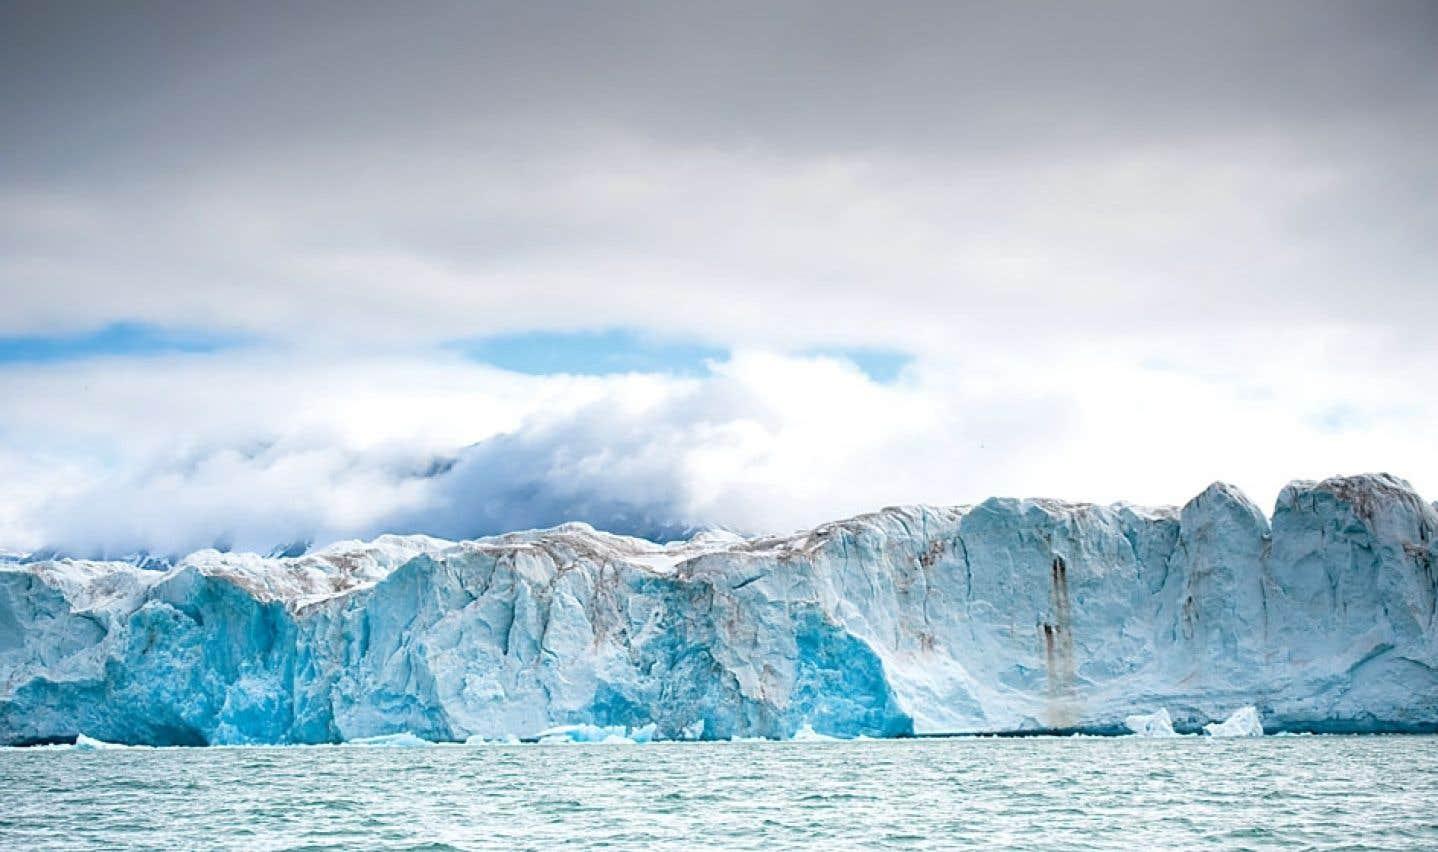 Les glaces de l'océan Arctique sont tombées à 3,41 millions de km2, soit 18 % de moins que le précédent record de 2007.